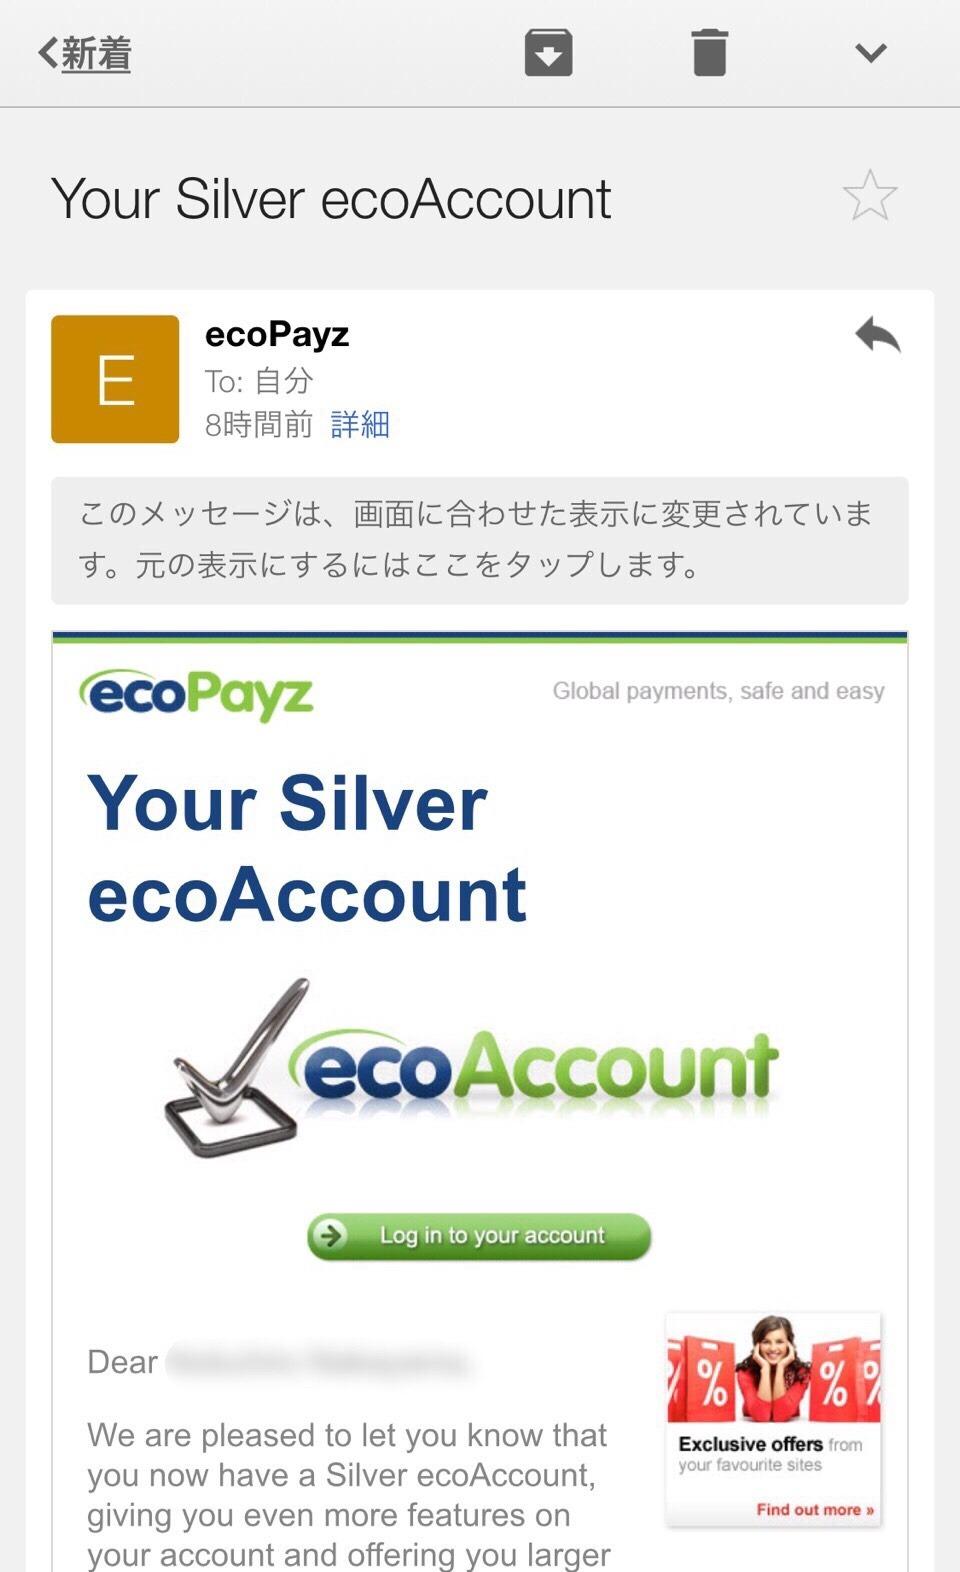 エコペイズサポート画面